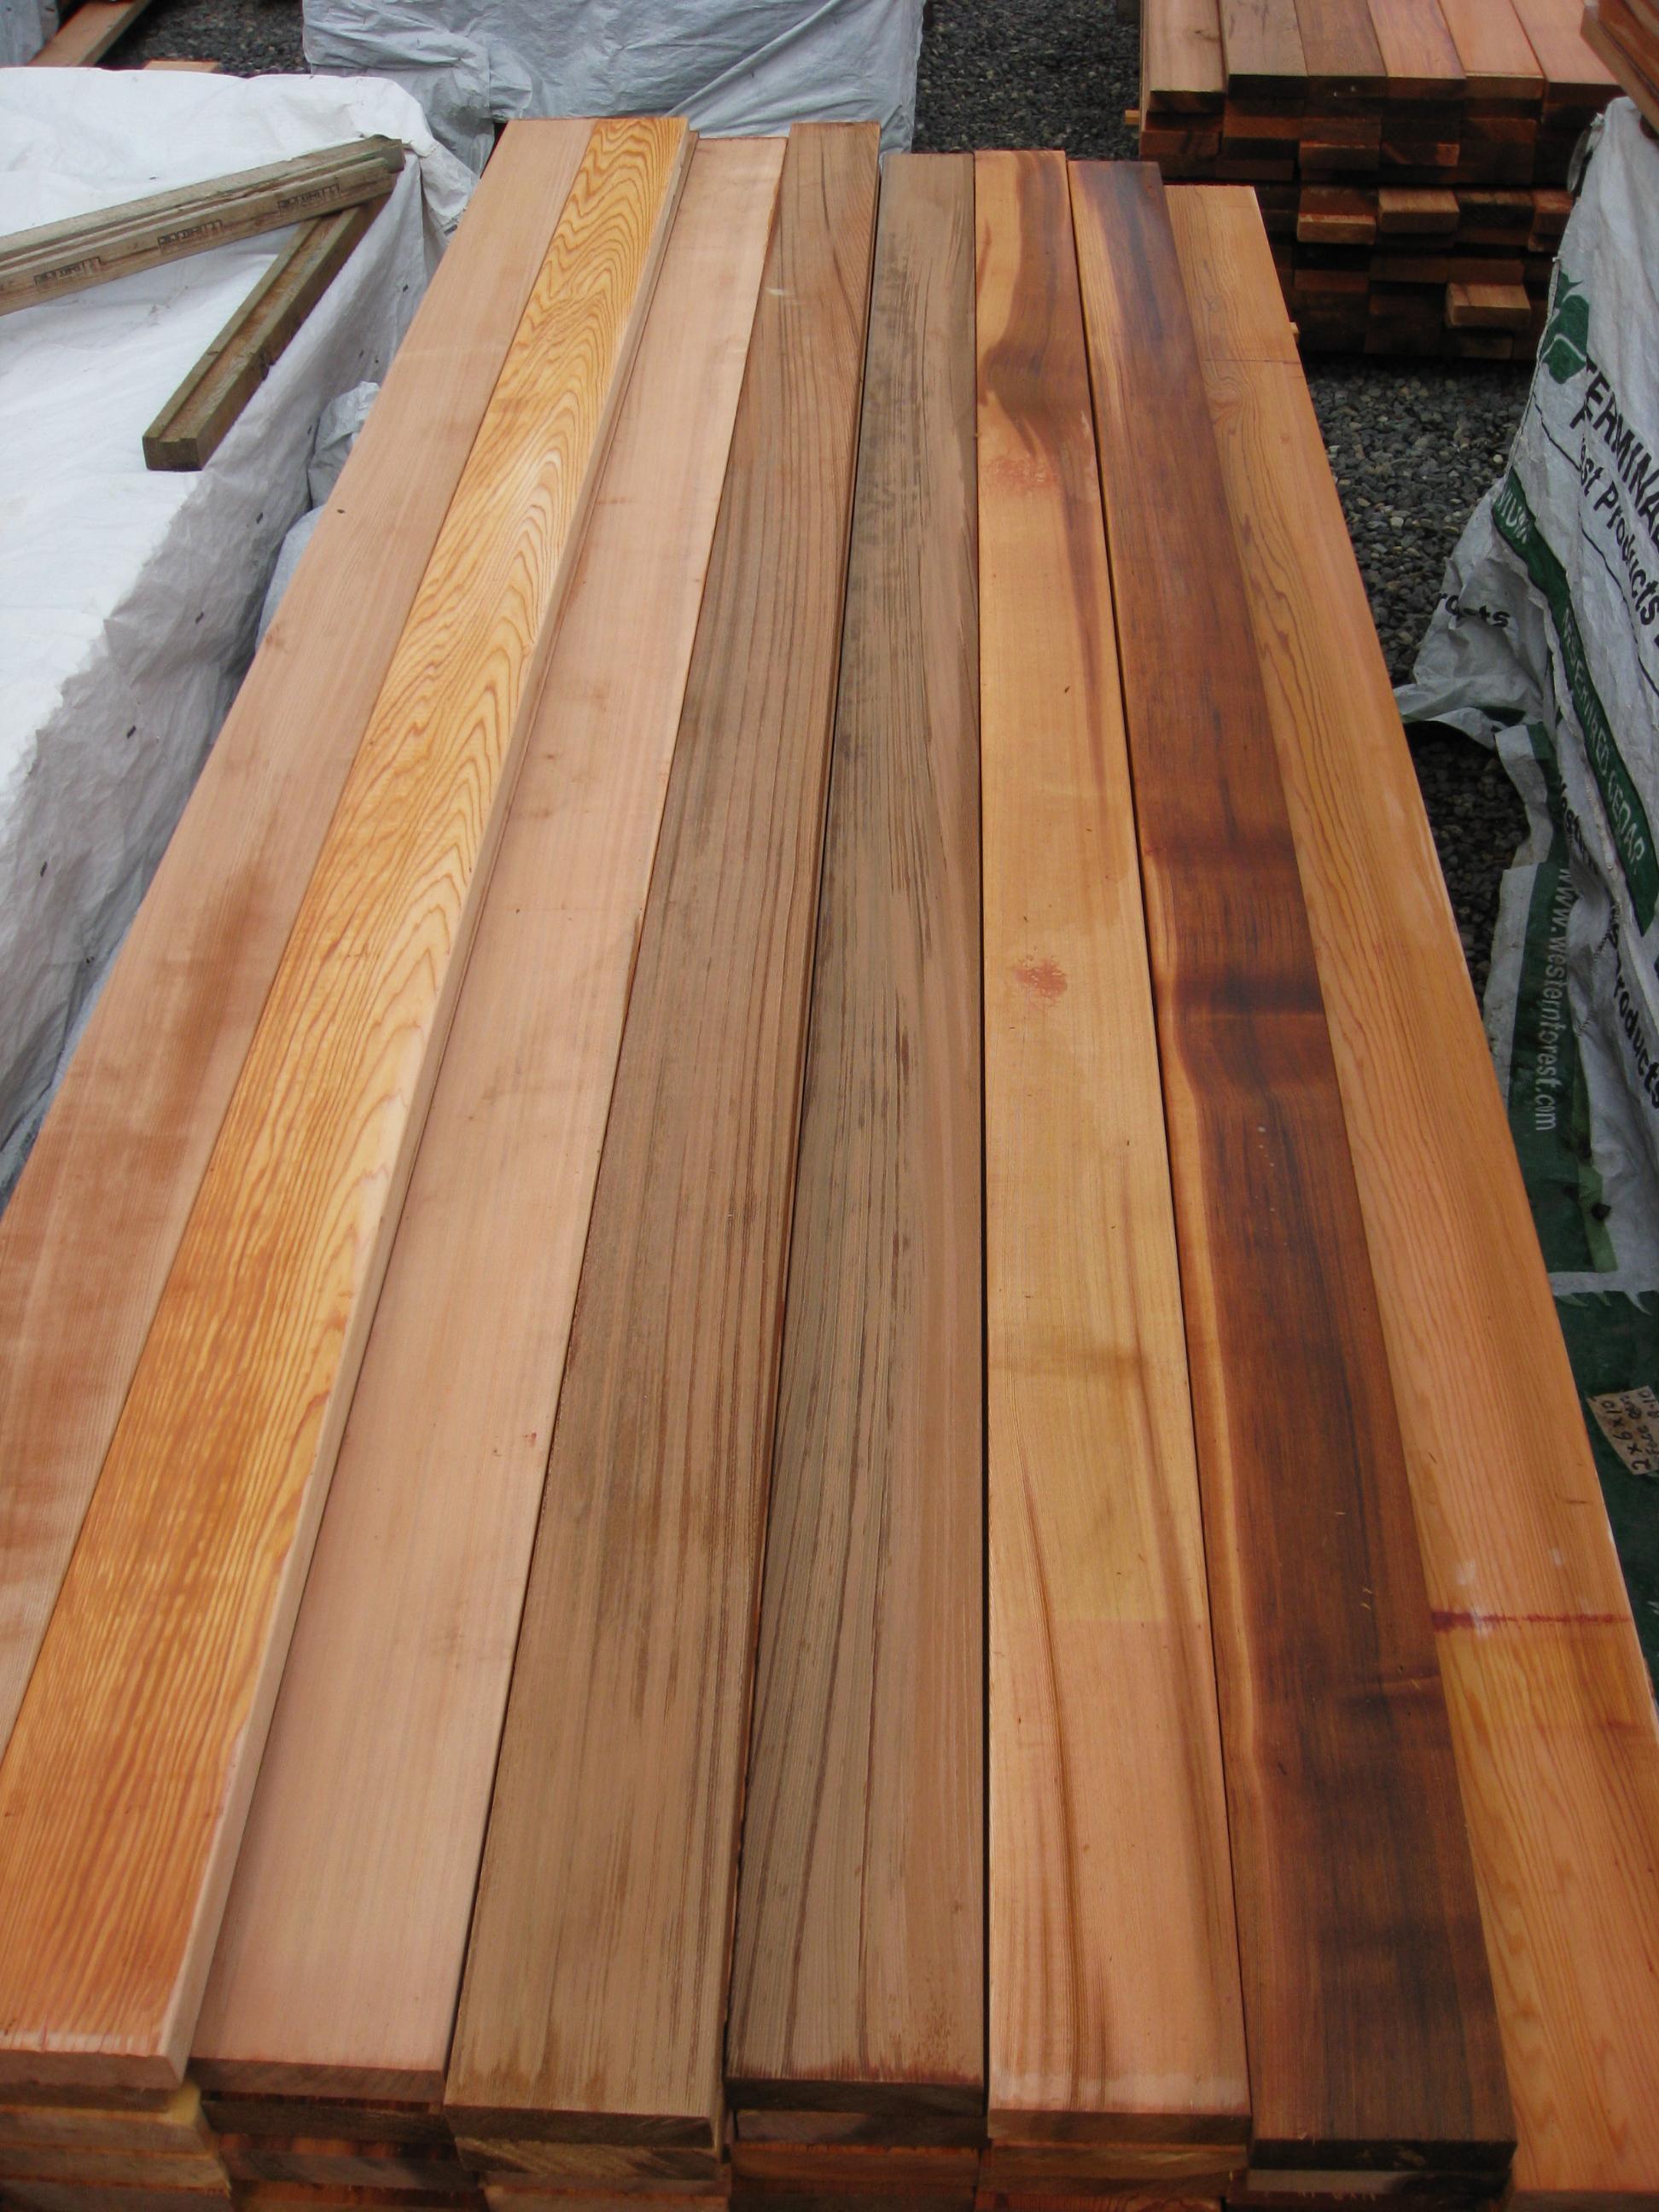 Custom Cedar Products Portland Or 97230 Angies List